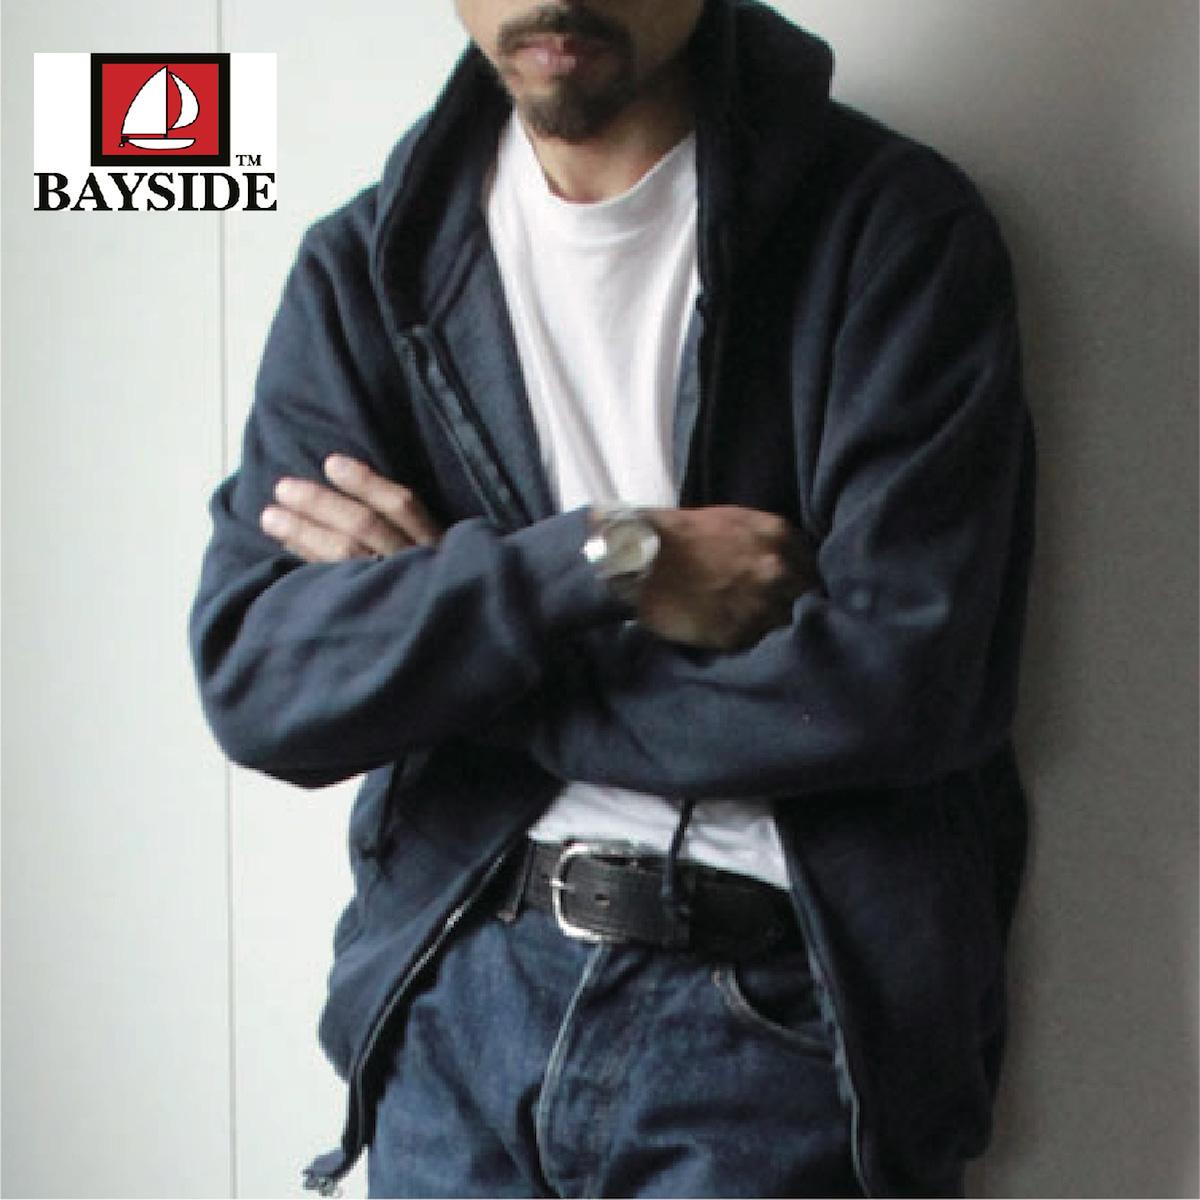 #900 フルジップ パーカ- フリース スウェットシャツ全3色 ベイサイド(BAYSIDE) アメリカ製 USA製